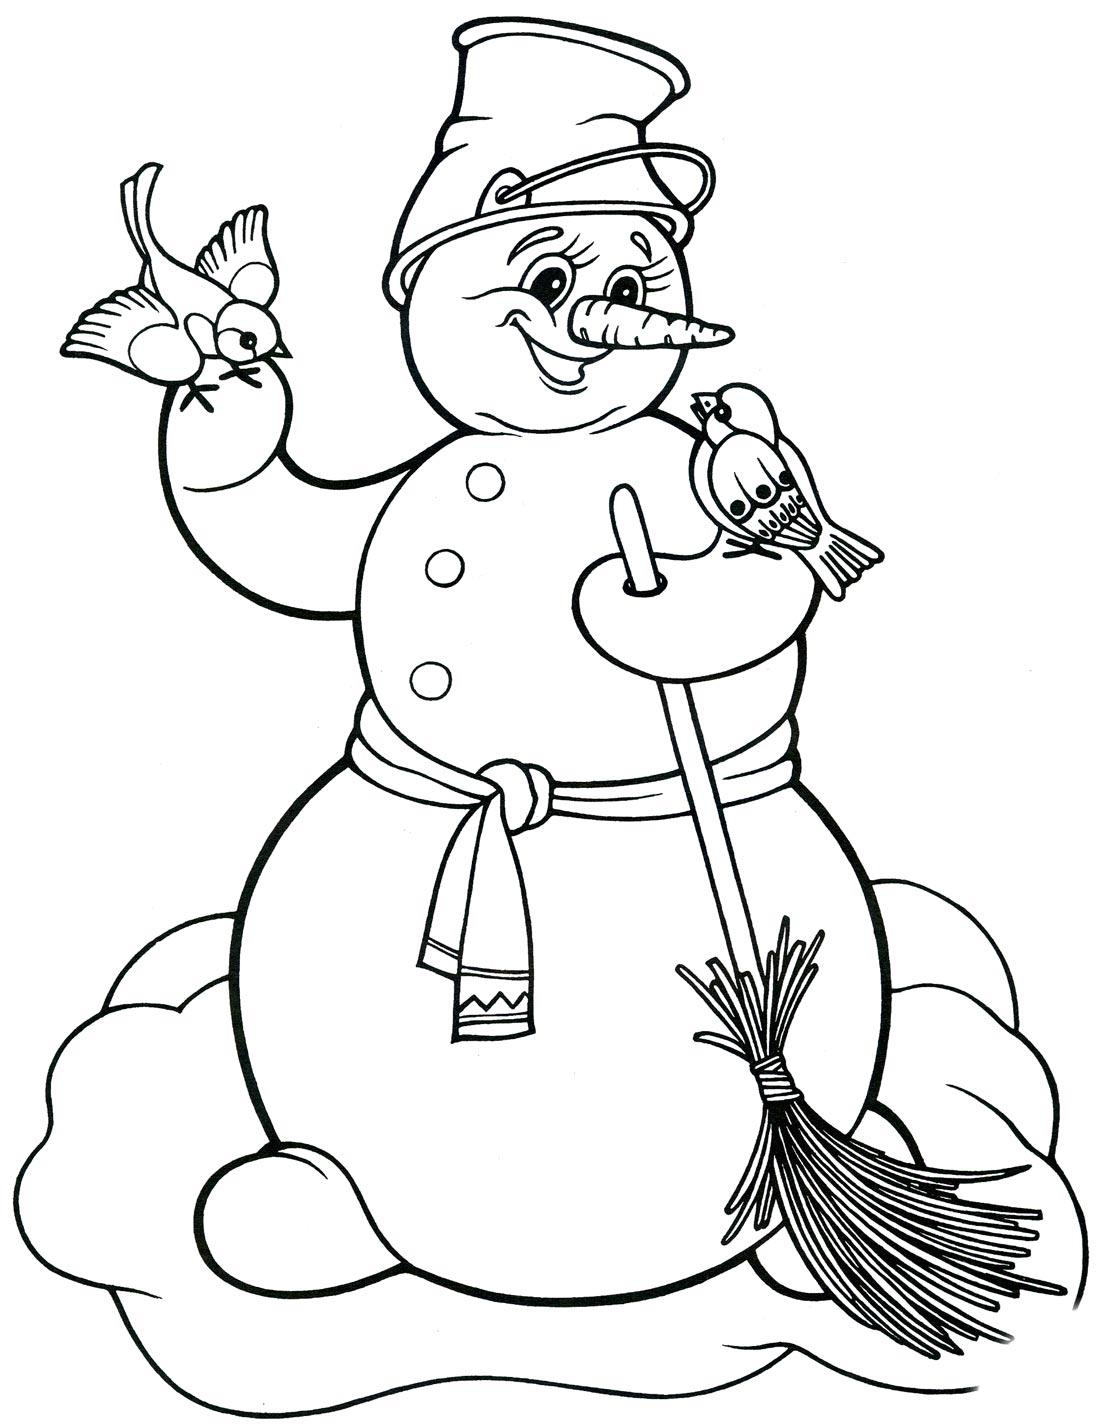 Картинки снеговики раскраски